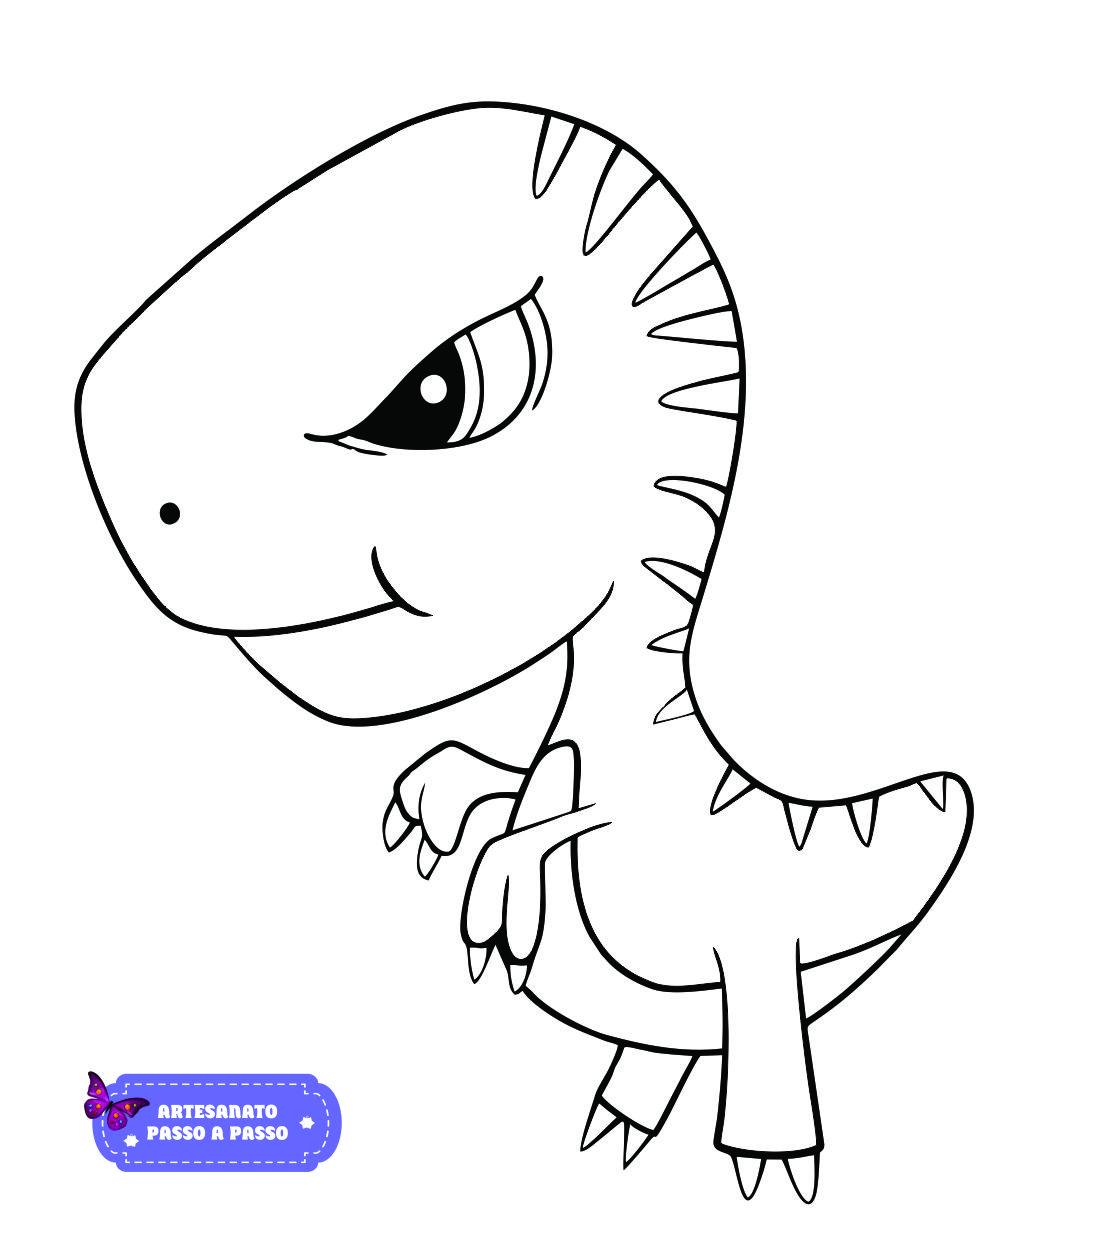 dinossauro rex